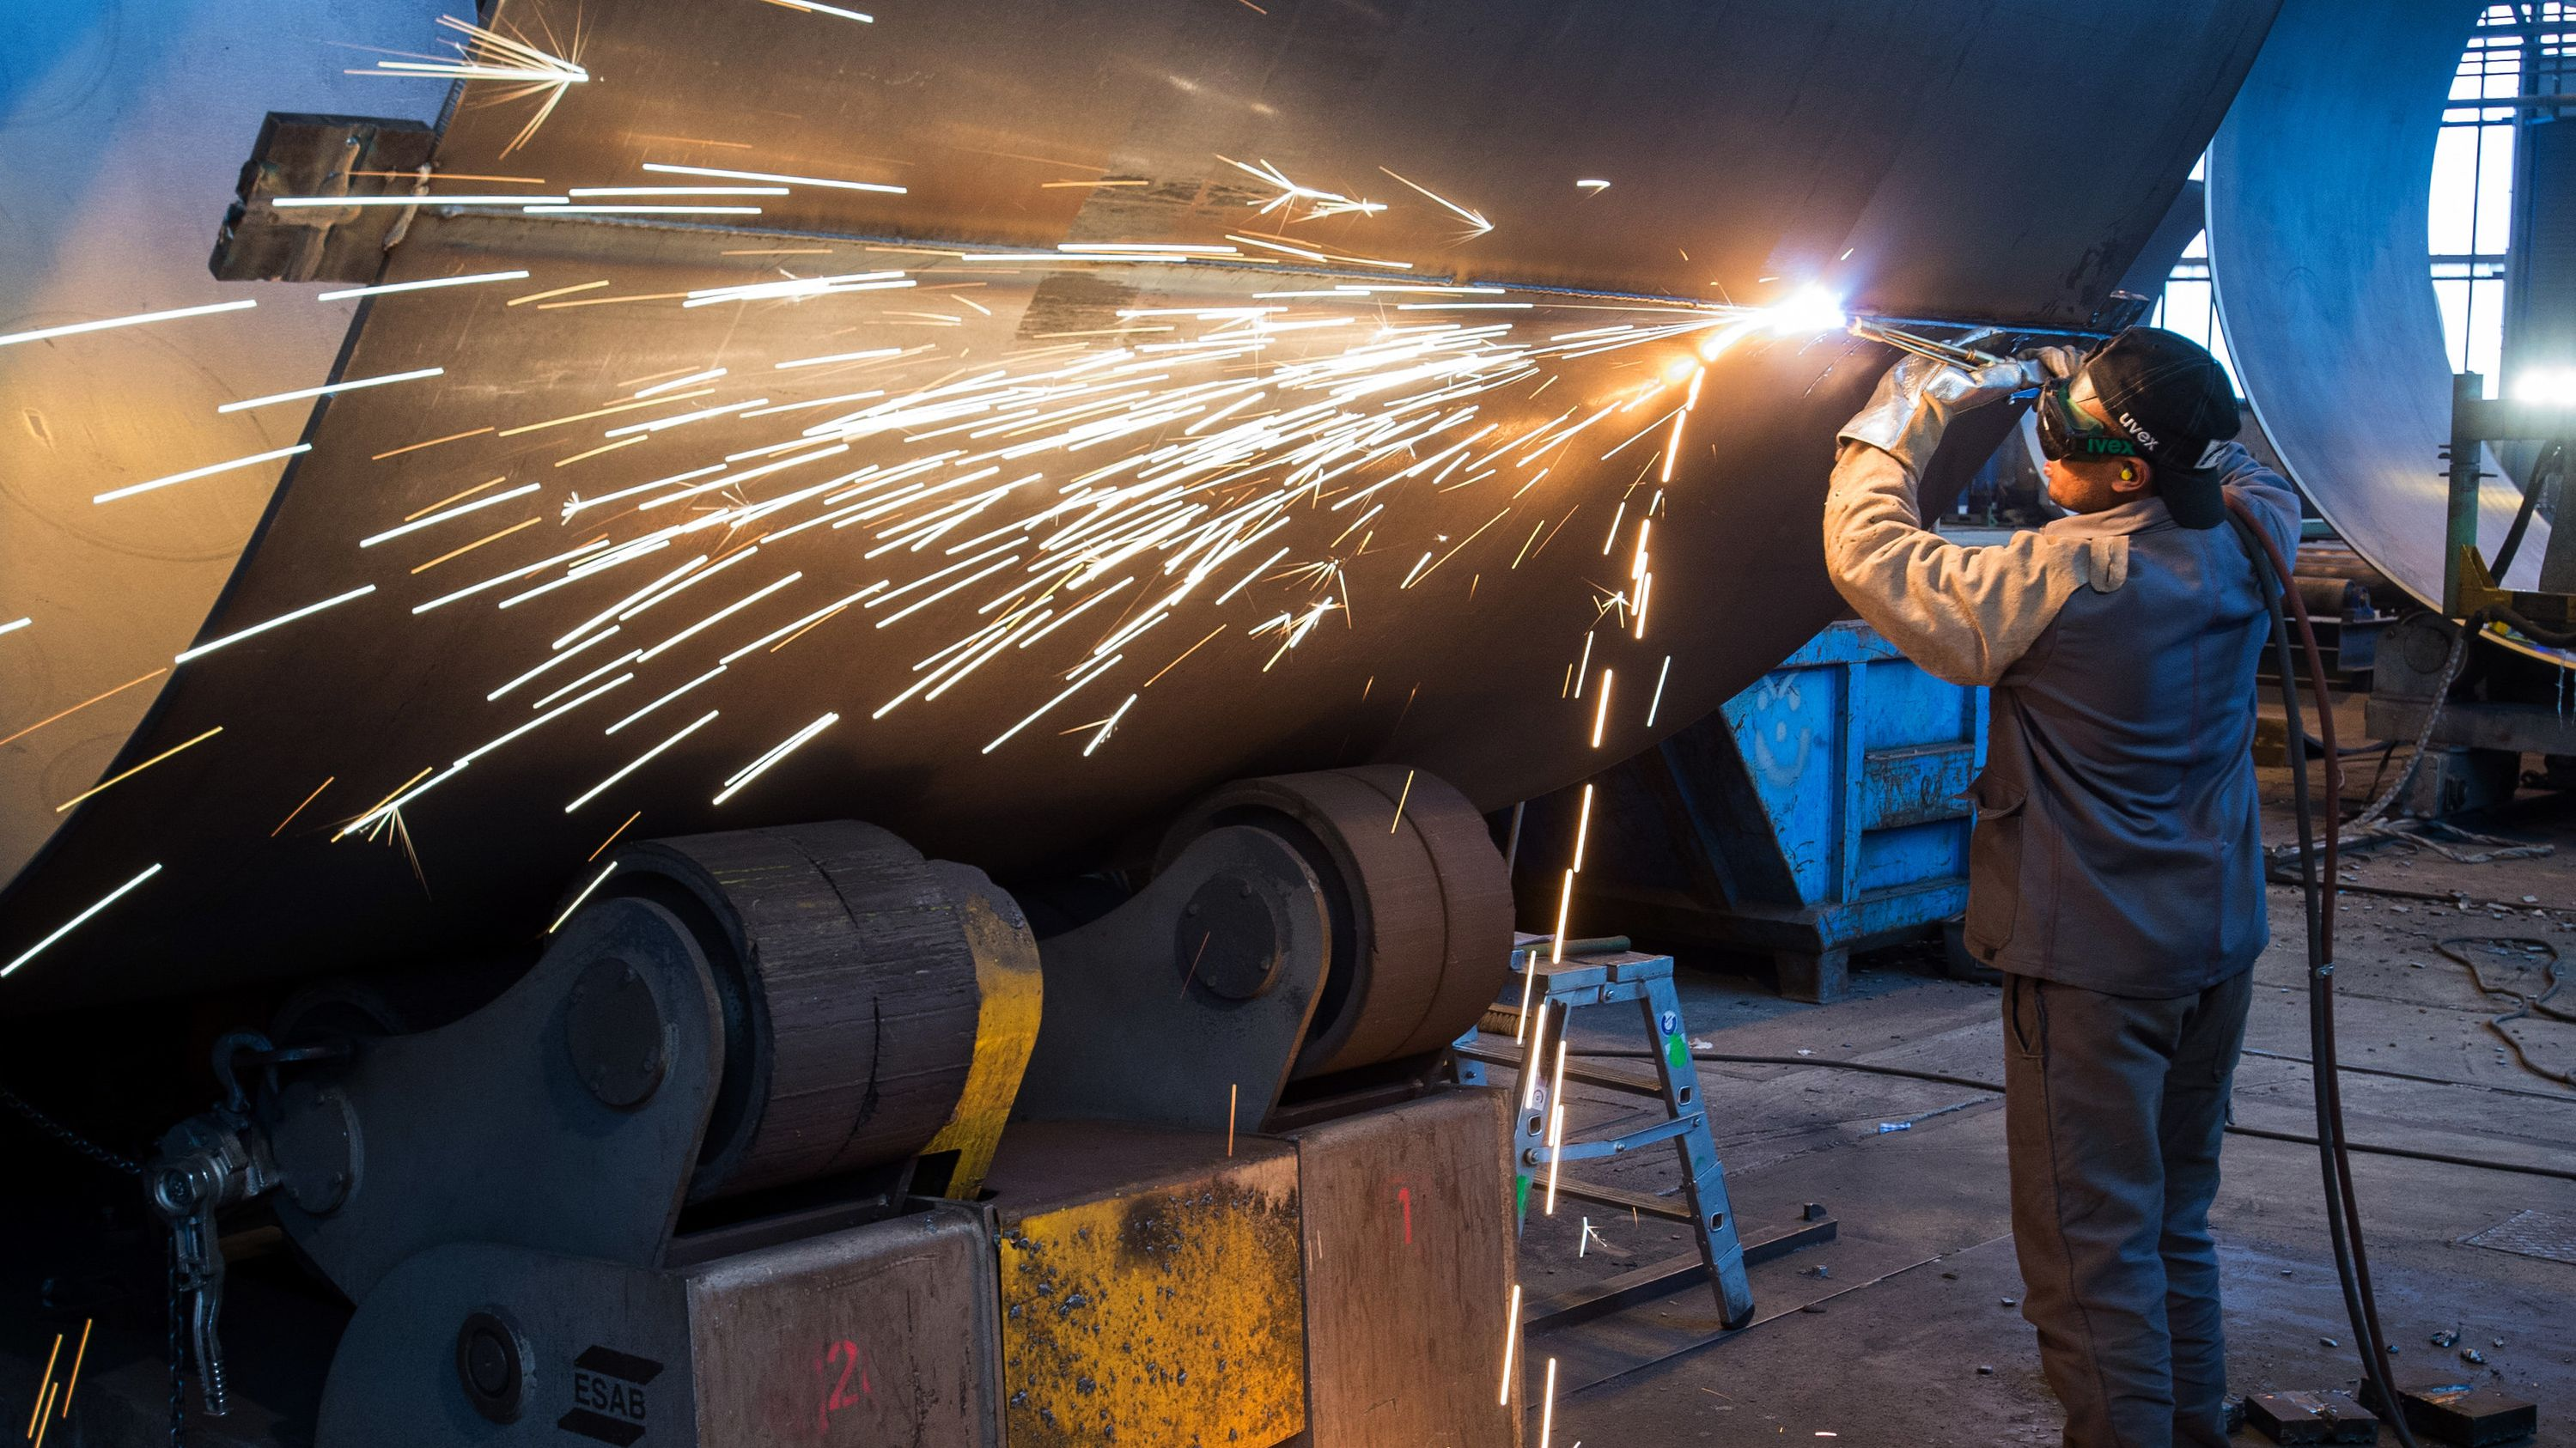 Metallfacharbeiter bei der Schweißarbeit